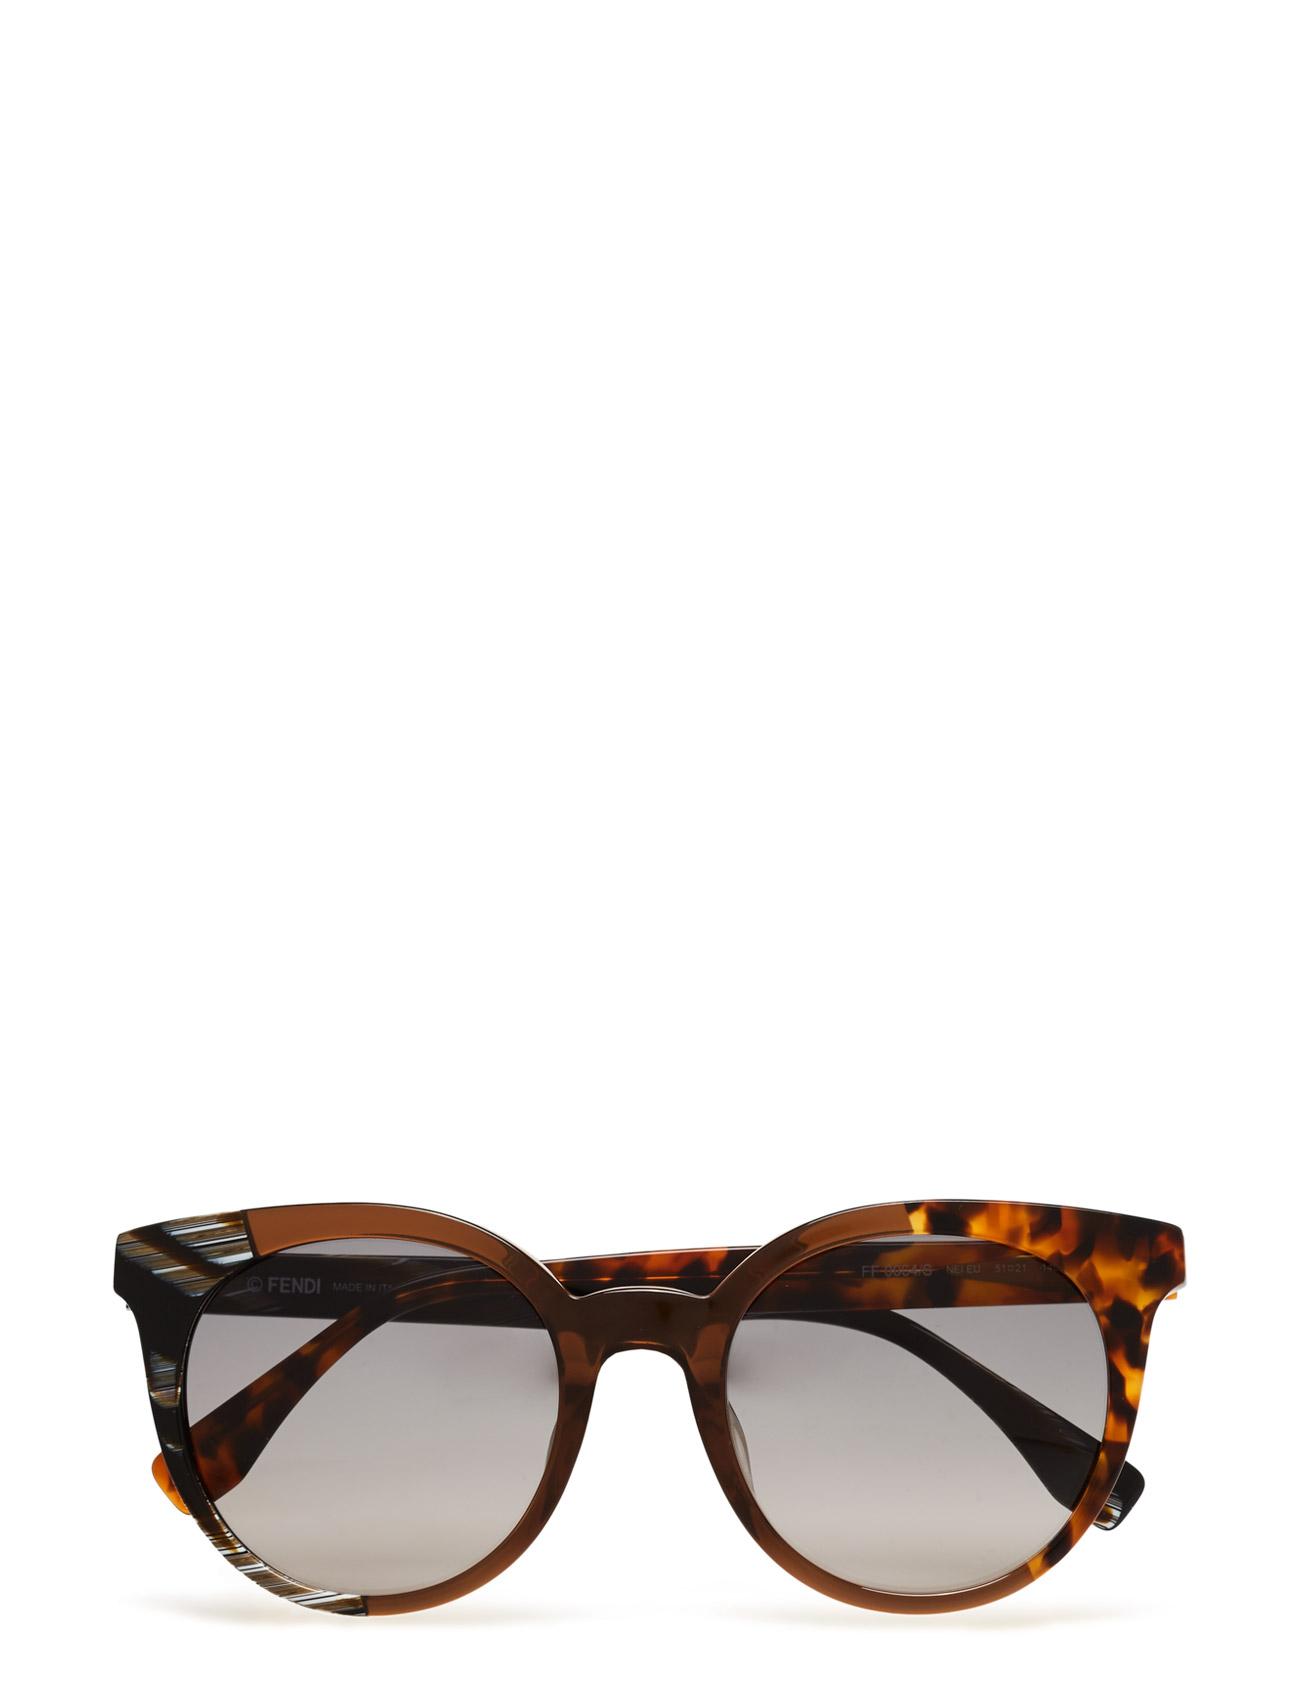 247538 fra fendi sunglasses på boozt.com dk